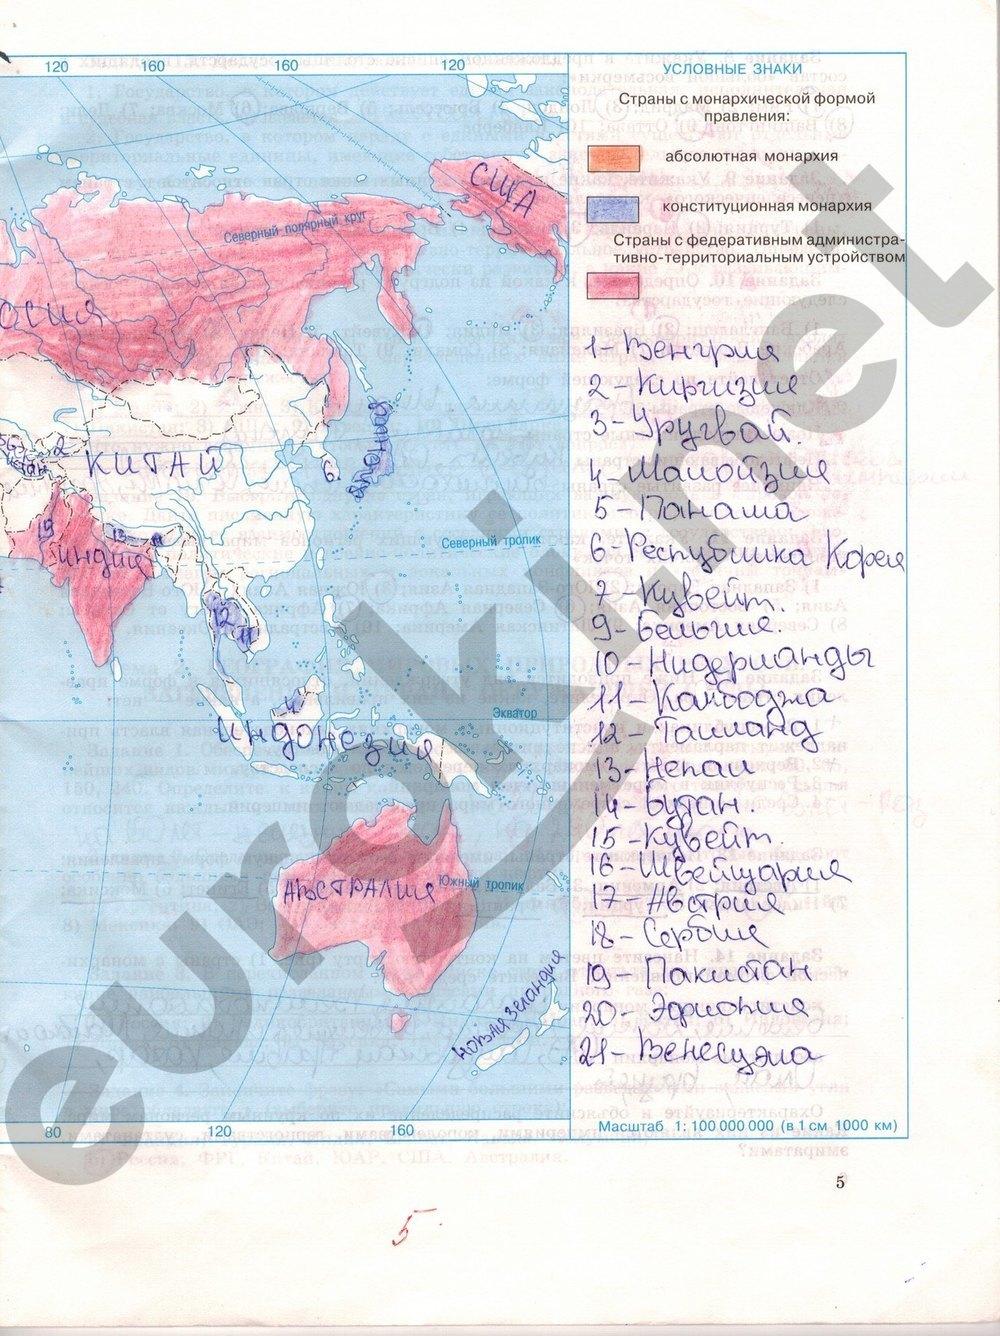 гдз по географии 10 класс к учебнику максаковского с ответами